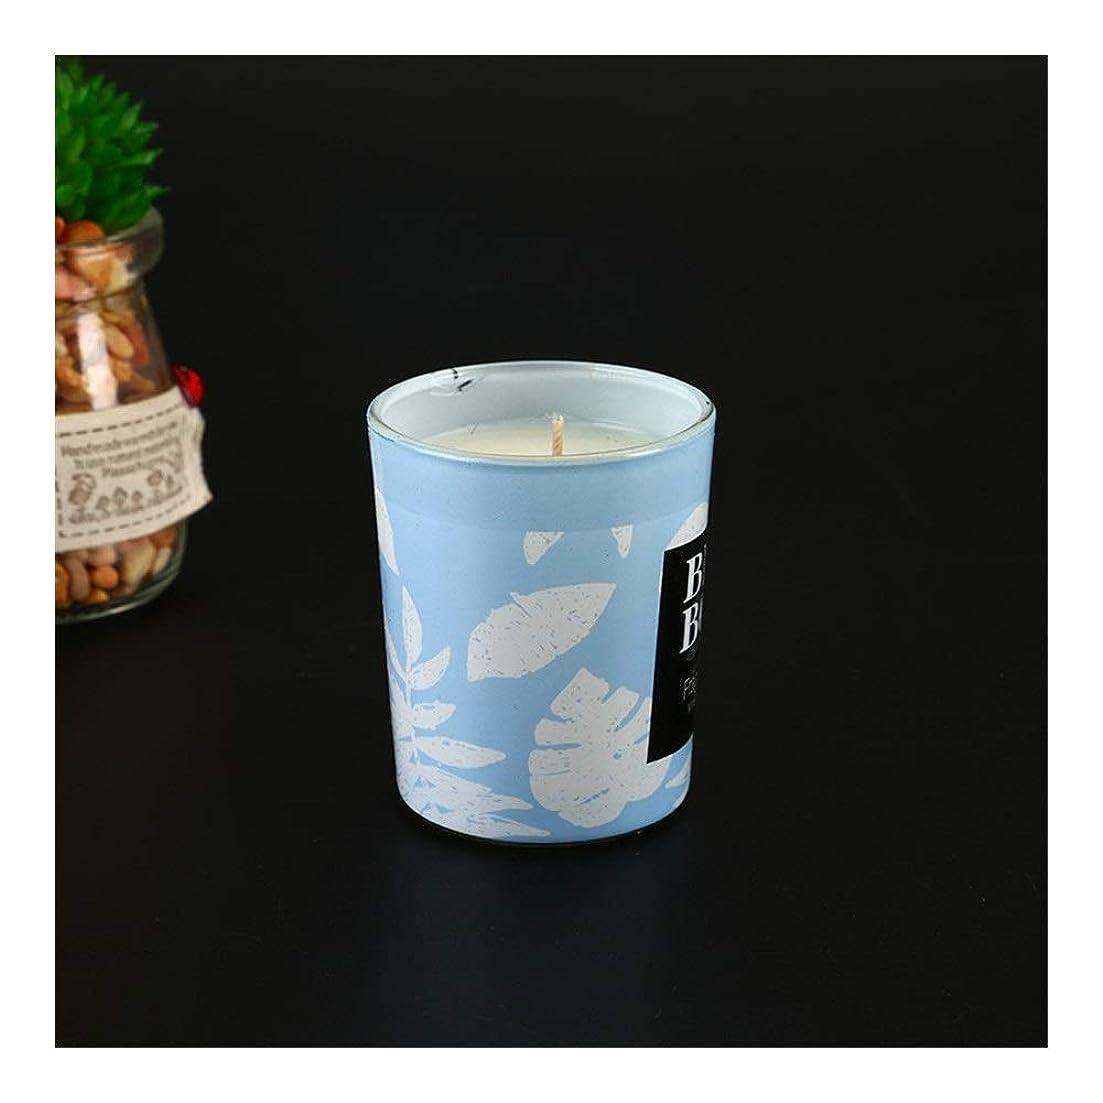 怖がらせるモディッシュへこみGuomao アロマセラピーキャンドルカップ告白アーティファクトキャンドル手で環境に優しい無煙大豆ワックス (色 : Blue wind chime)